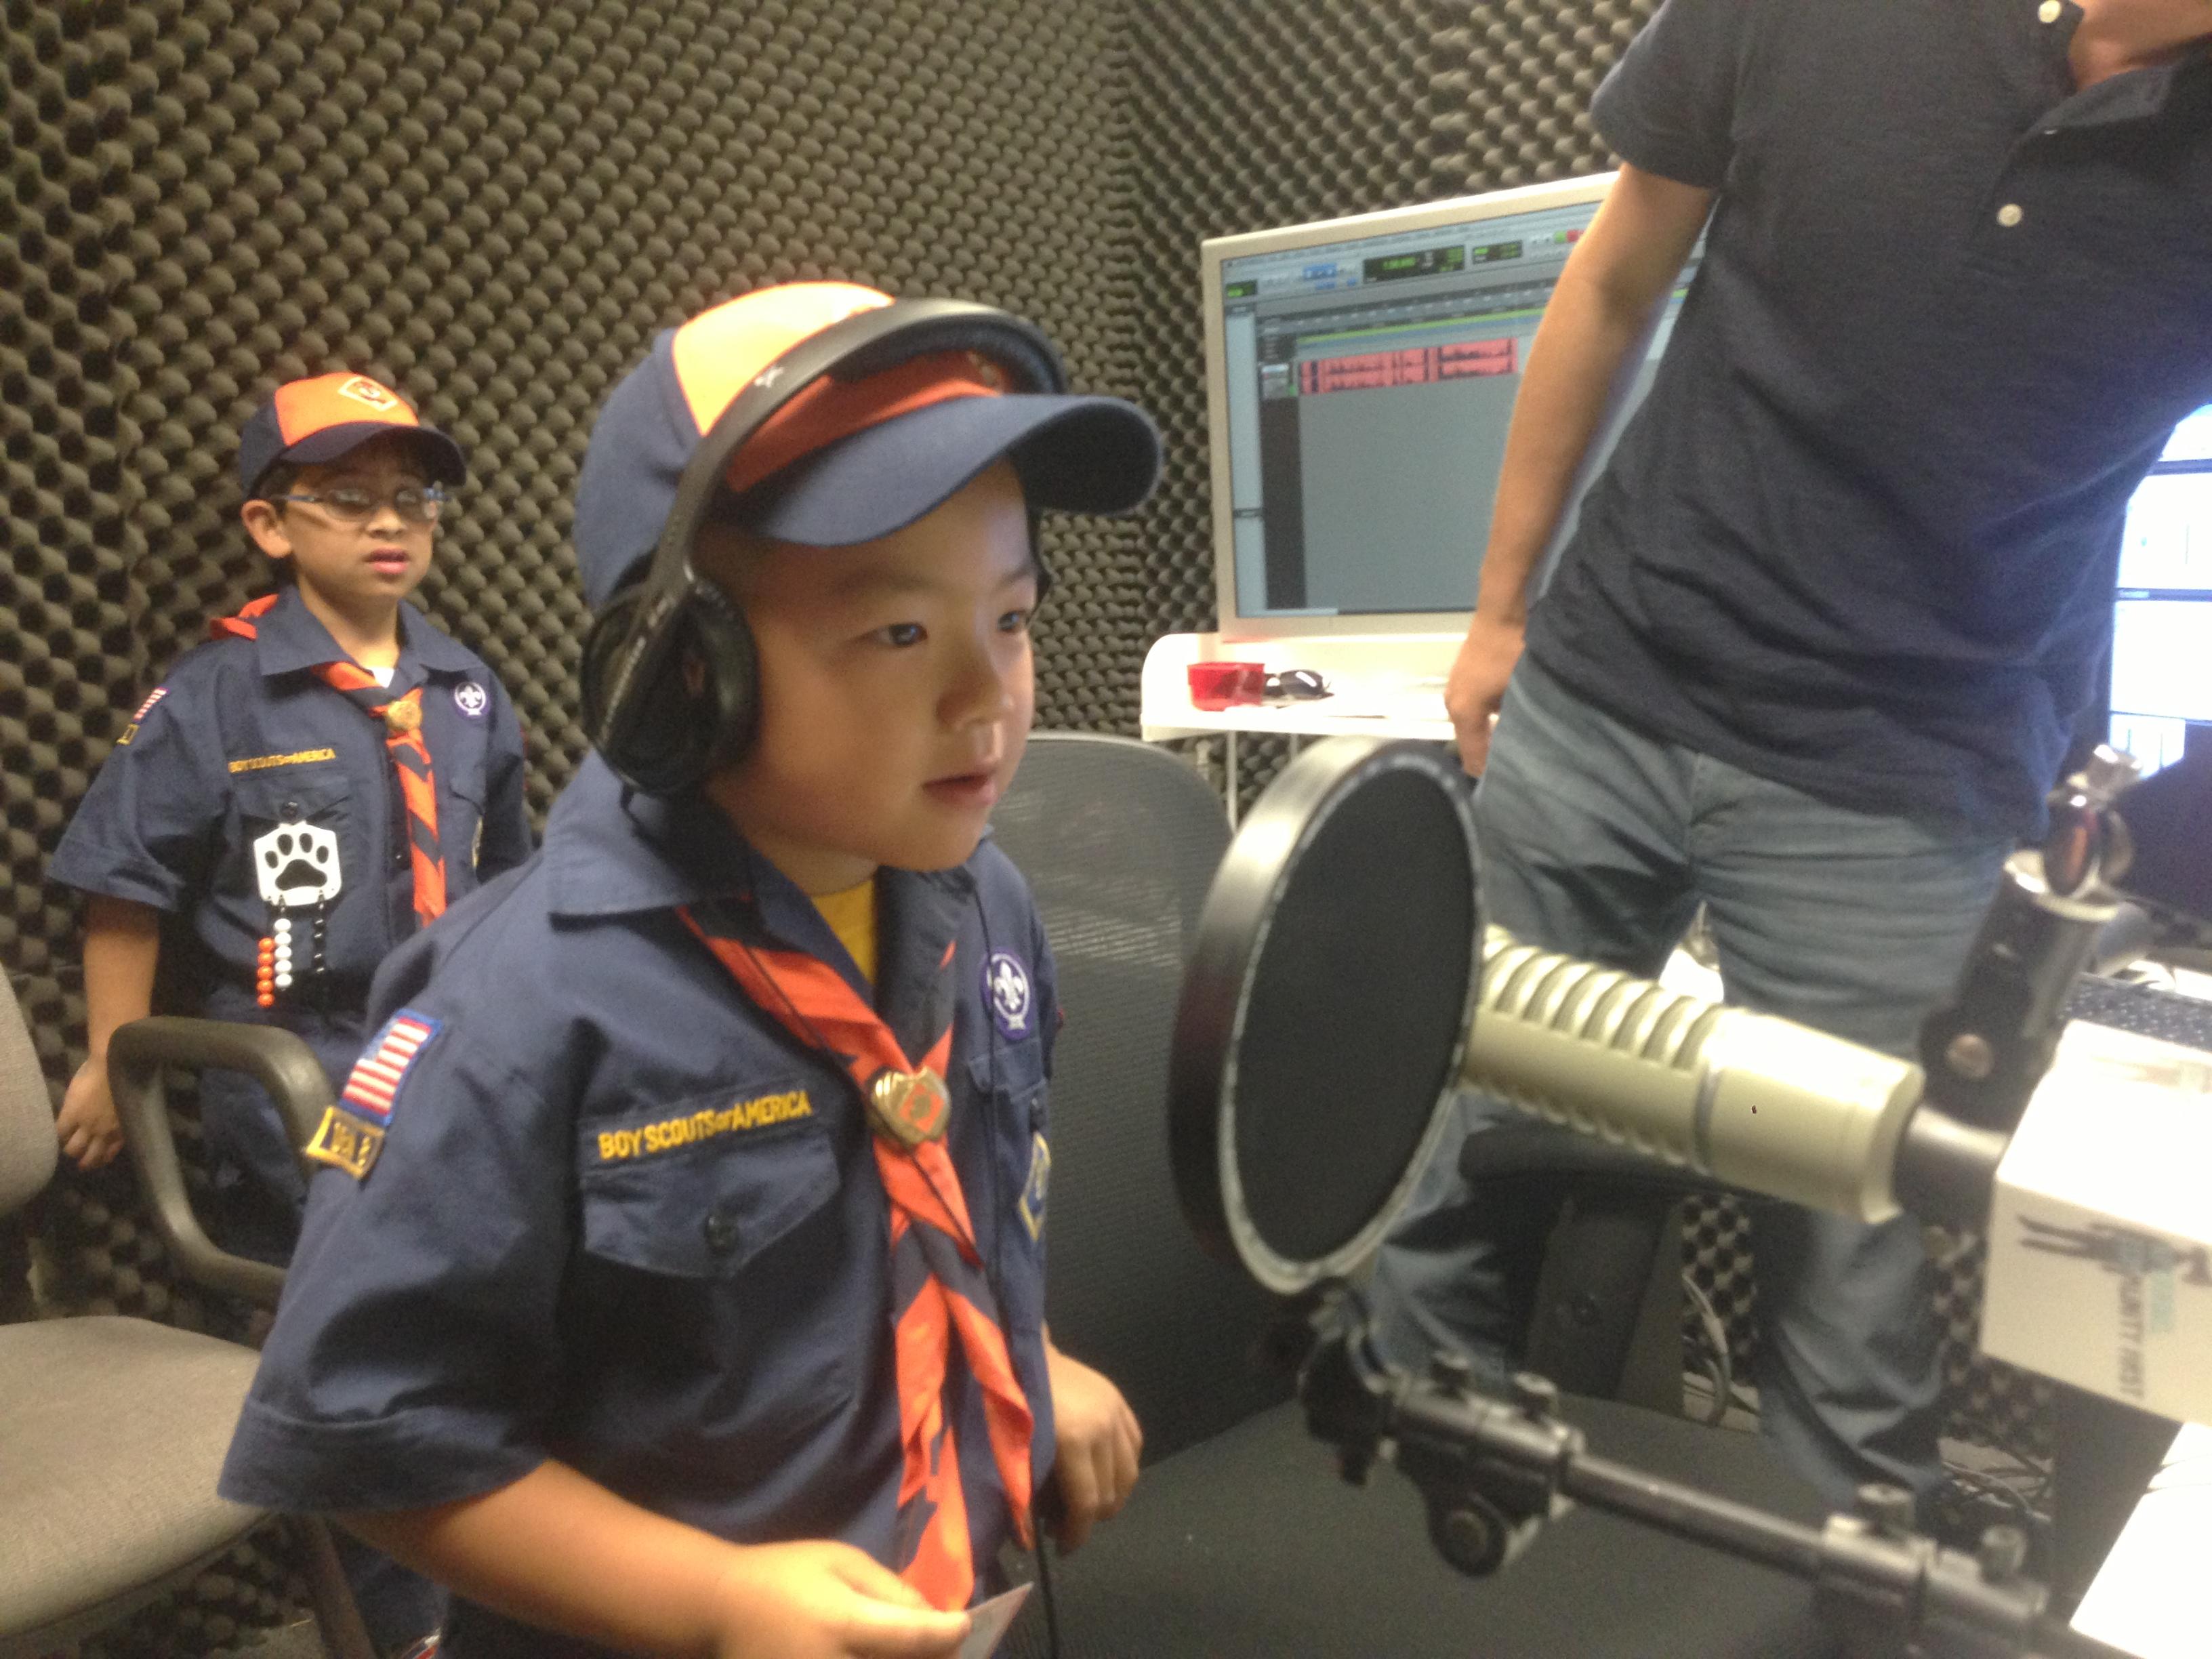 Cub Scouts Visit KPCRadio.com – 4.29.19